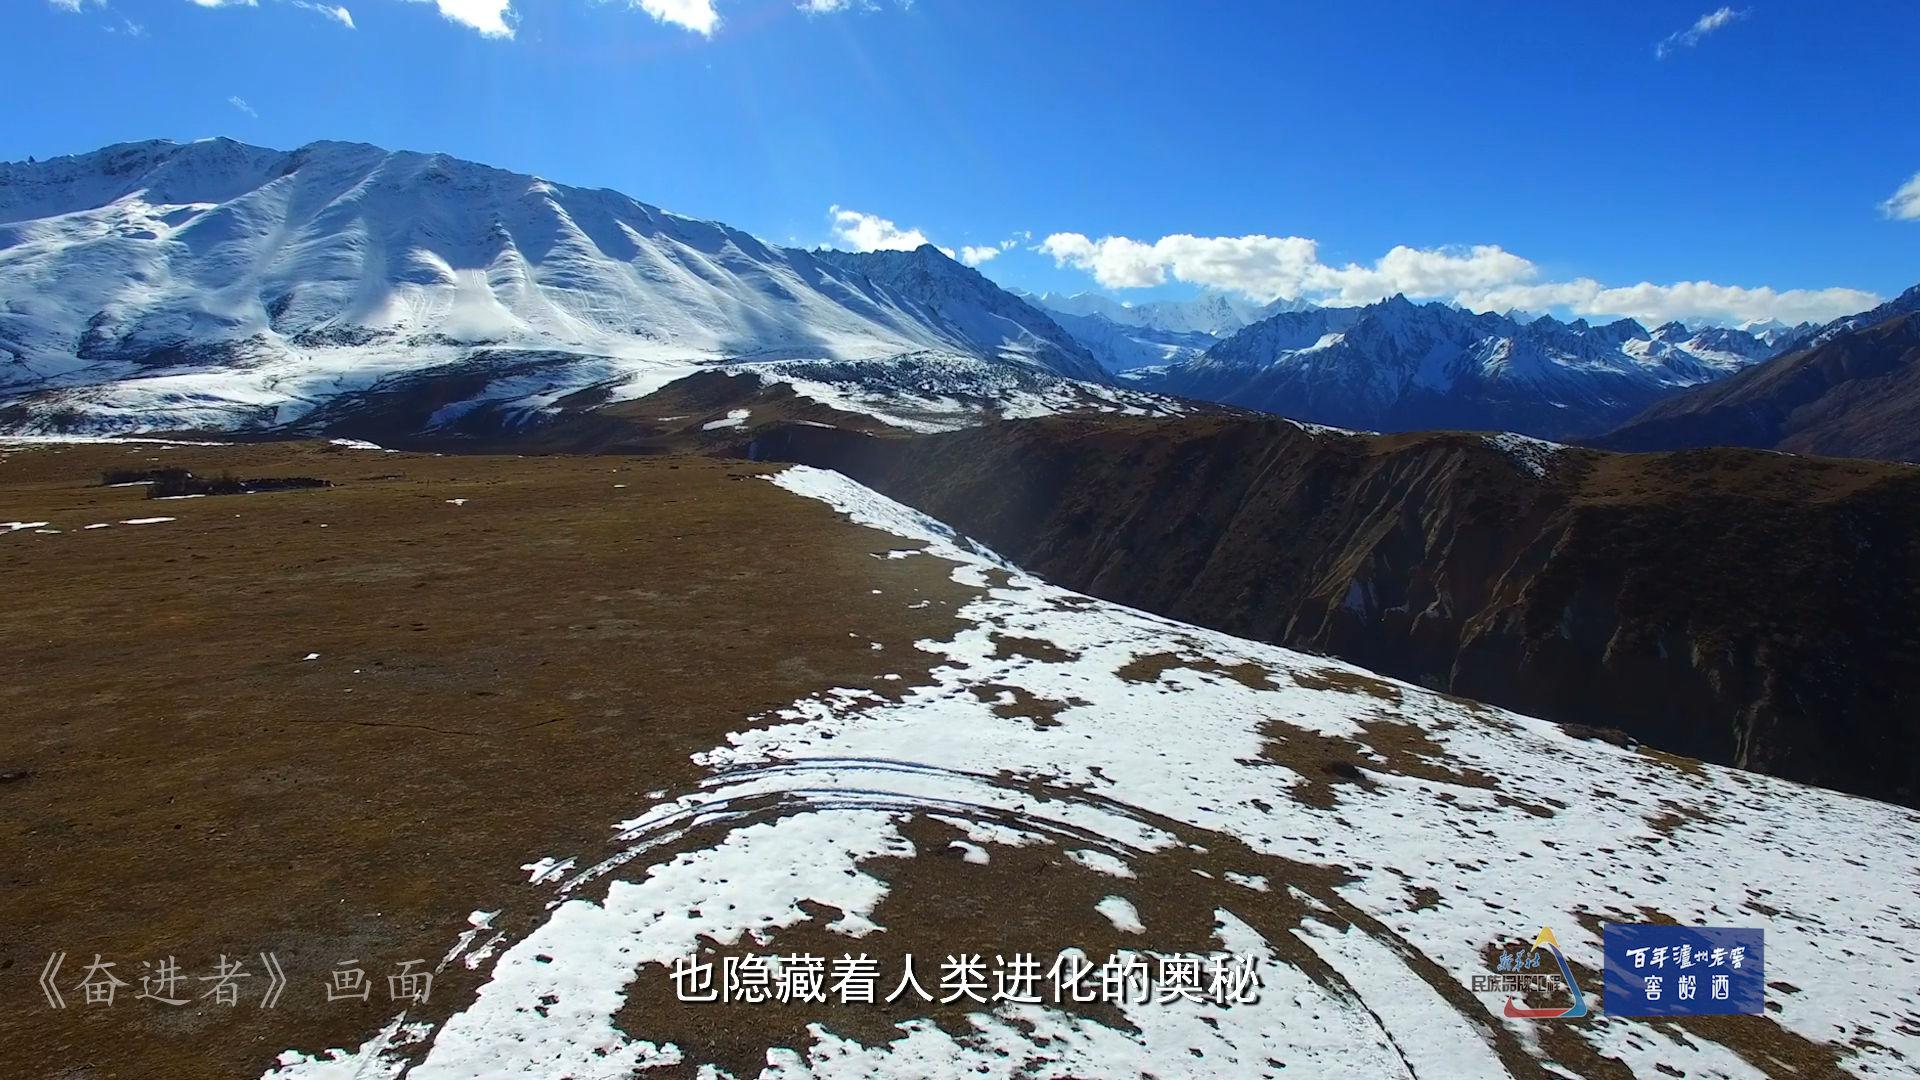 在山河变迁中认识人类文明——中国科学院院士陈发虎